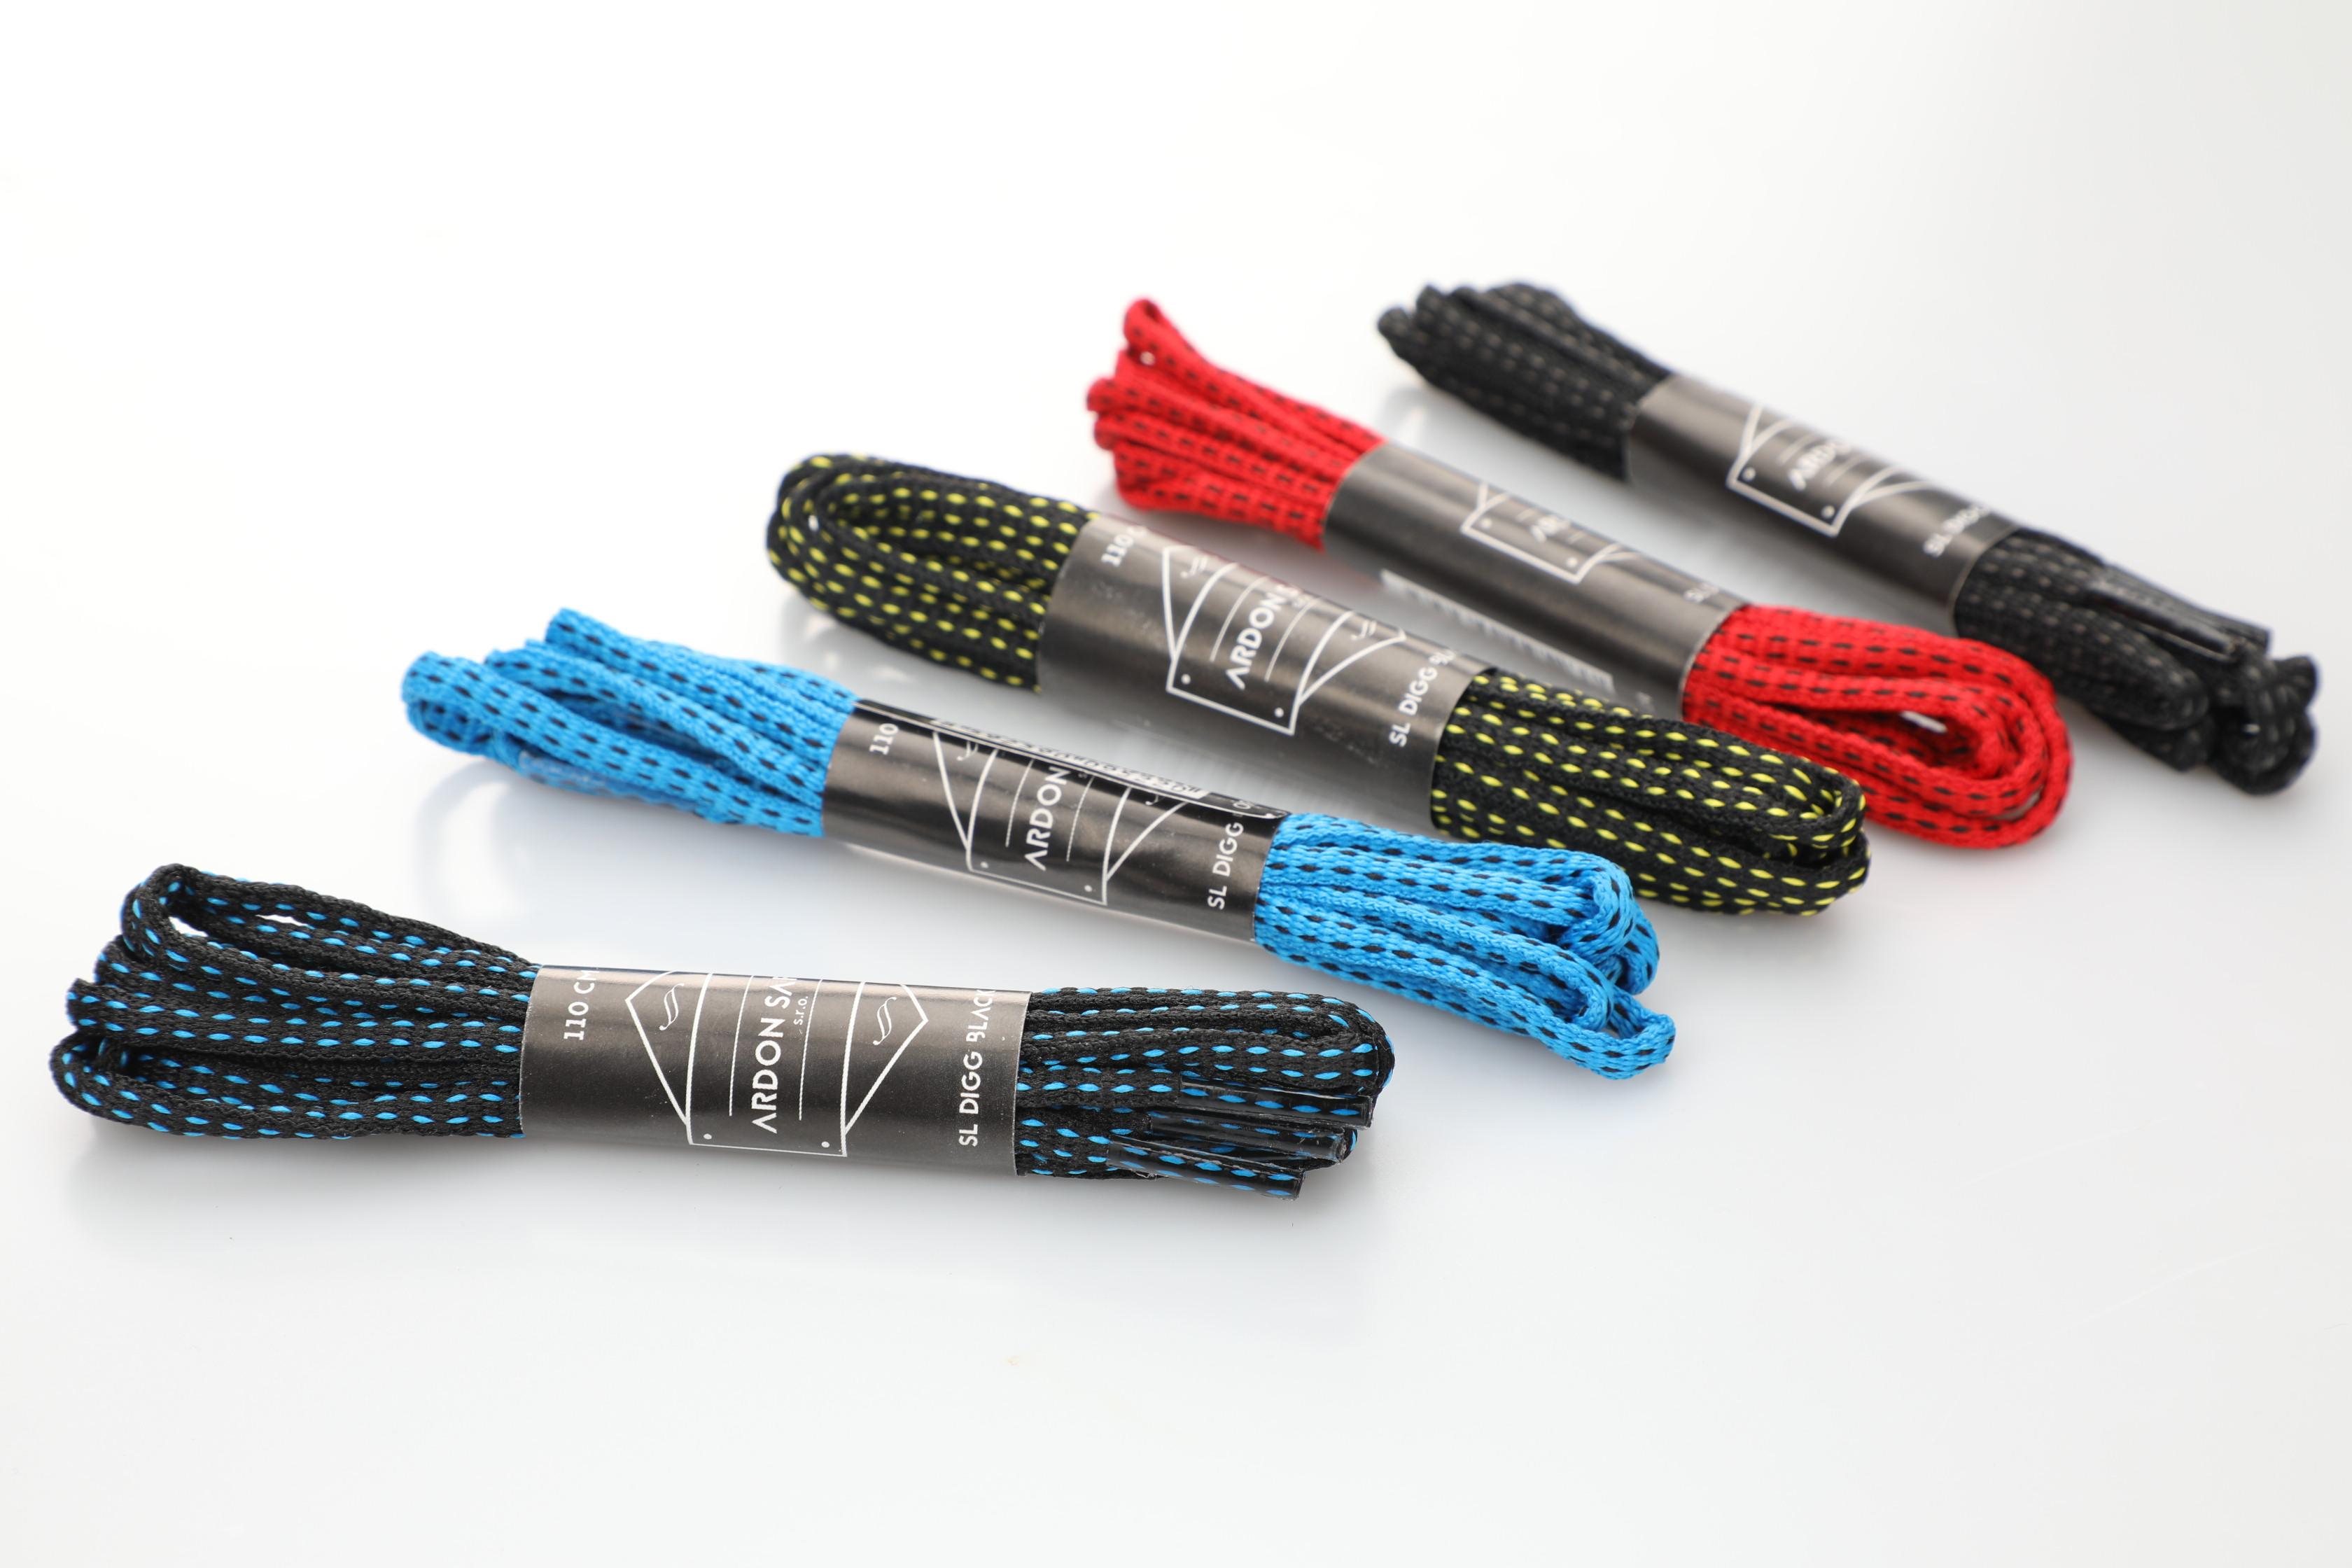 Tkaničky Digger modro/černé 105